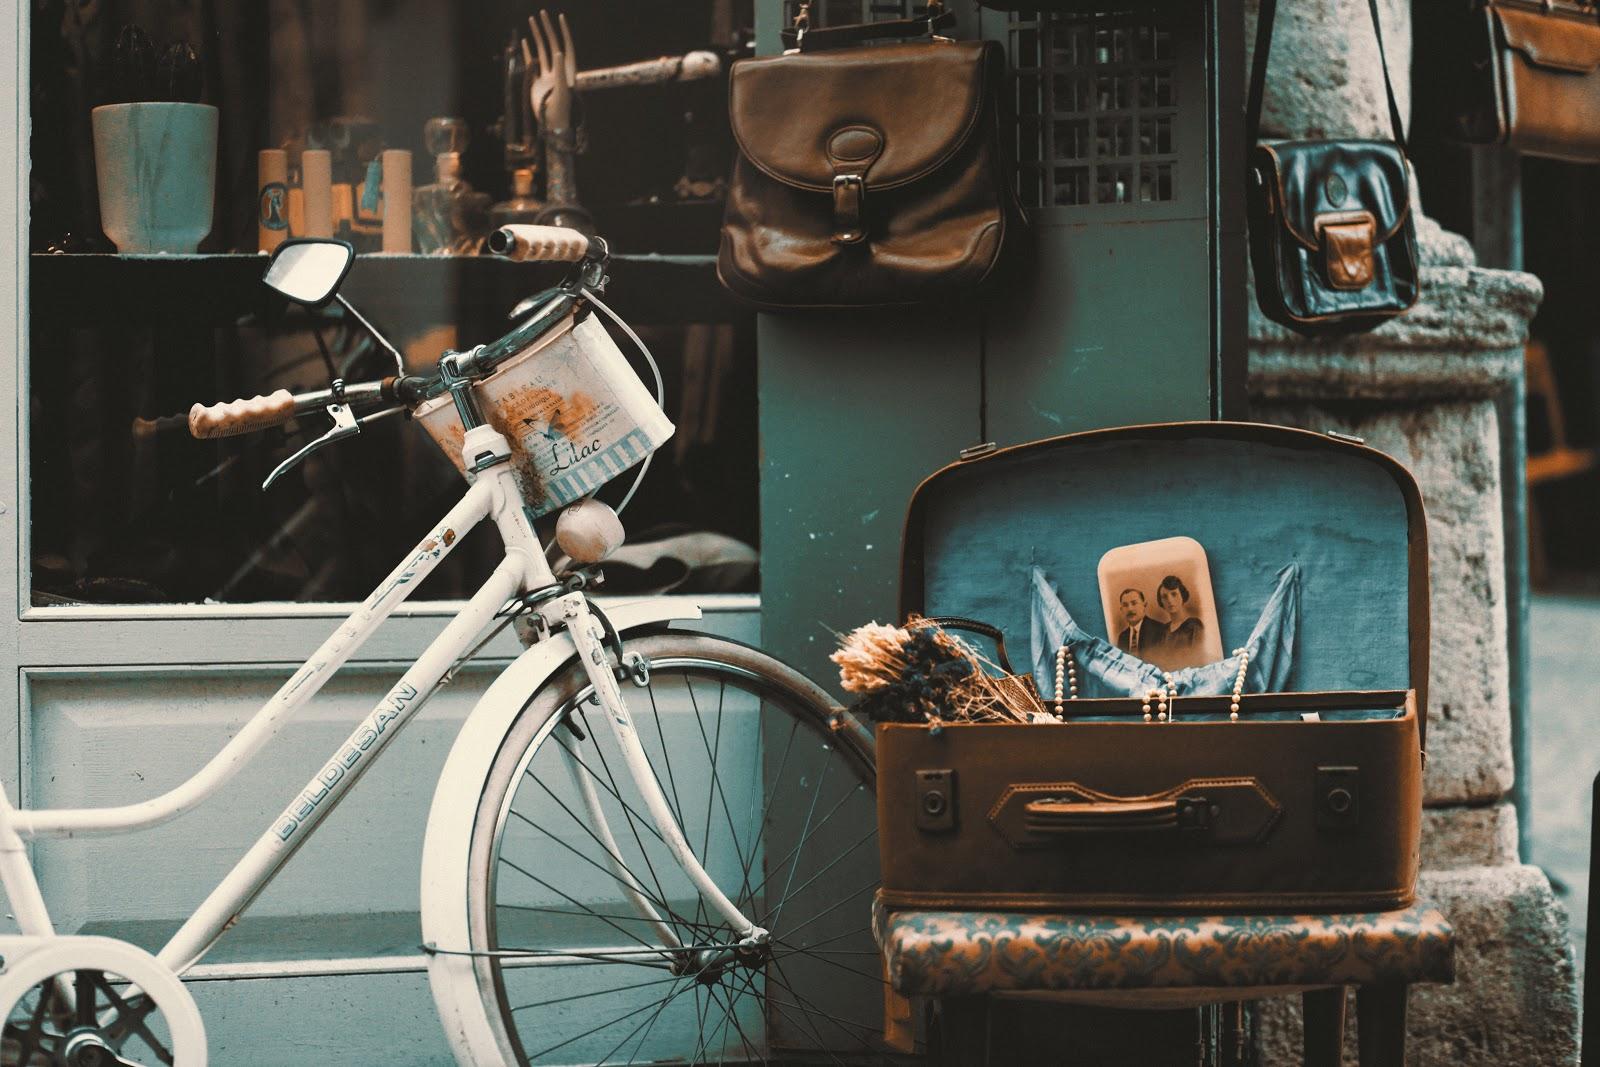 אופניים ישנות ליד מזוודה